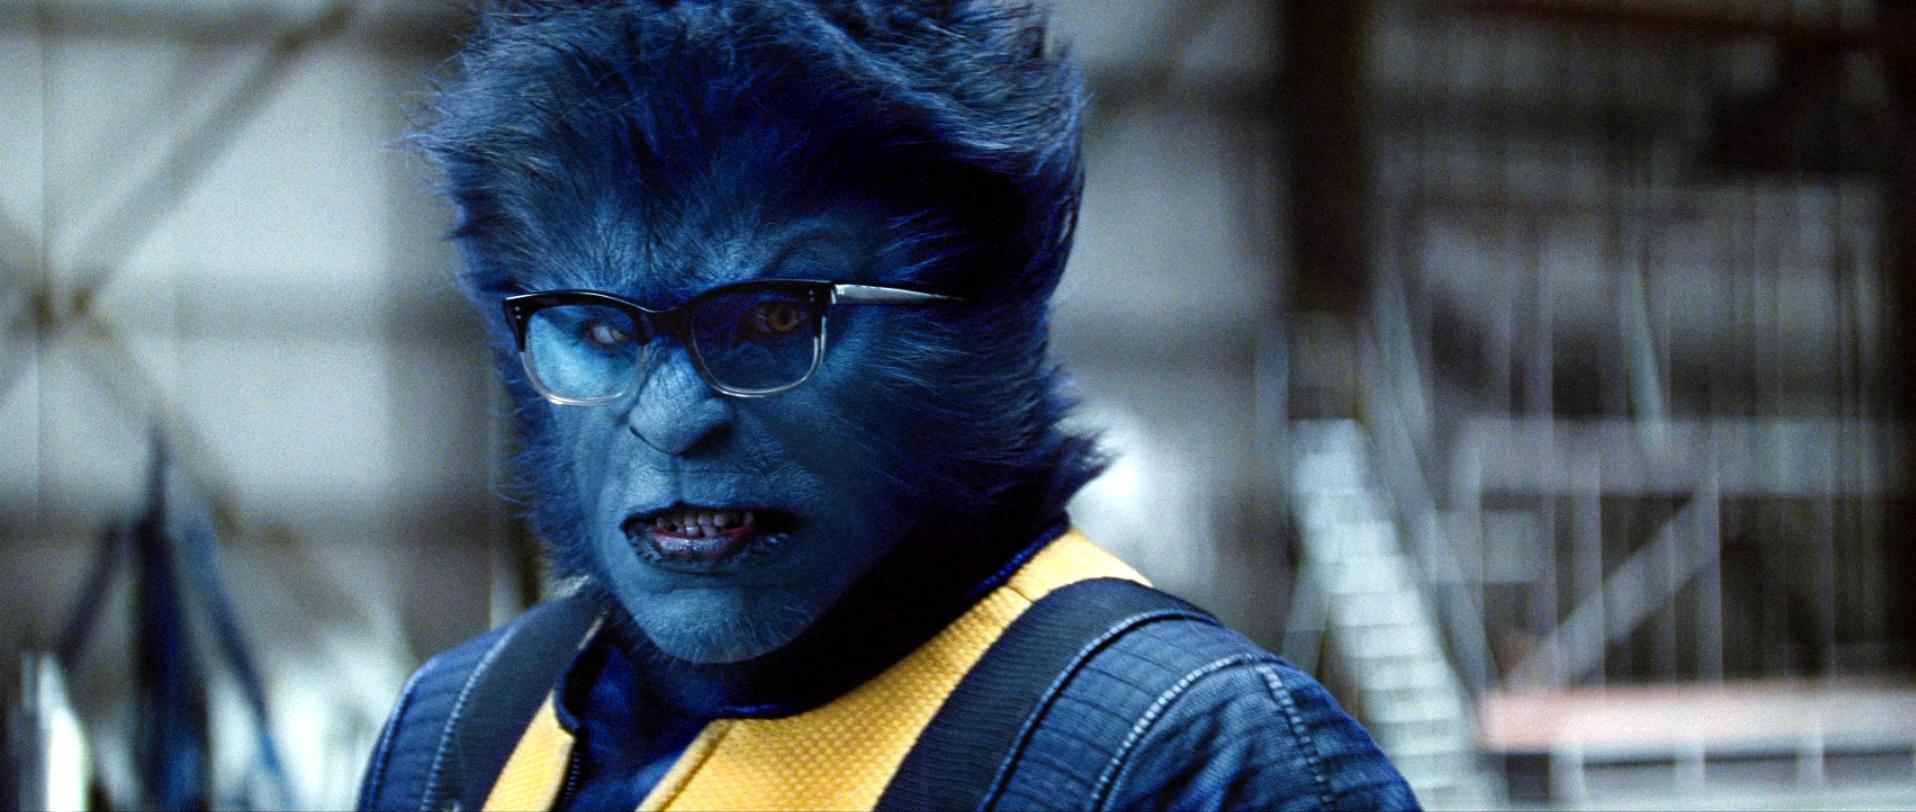 Imagem frontal do Fera (Hank McCoy) com óculos e uniforme dos X-Men.